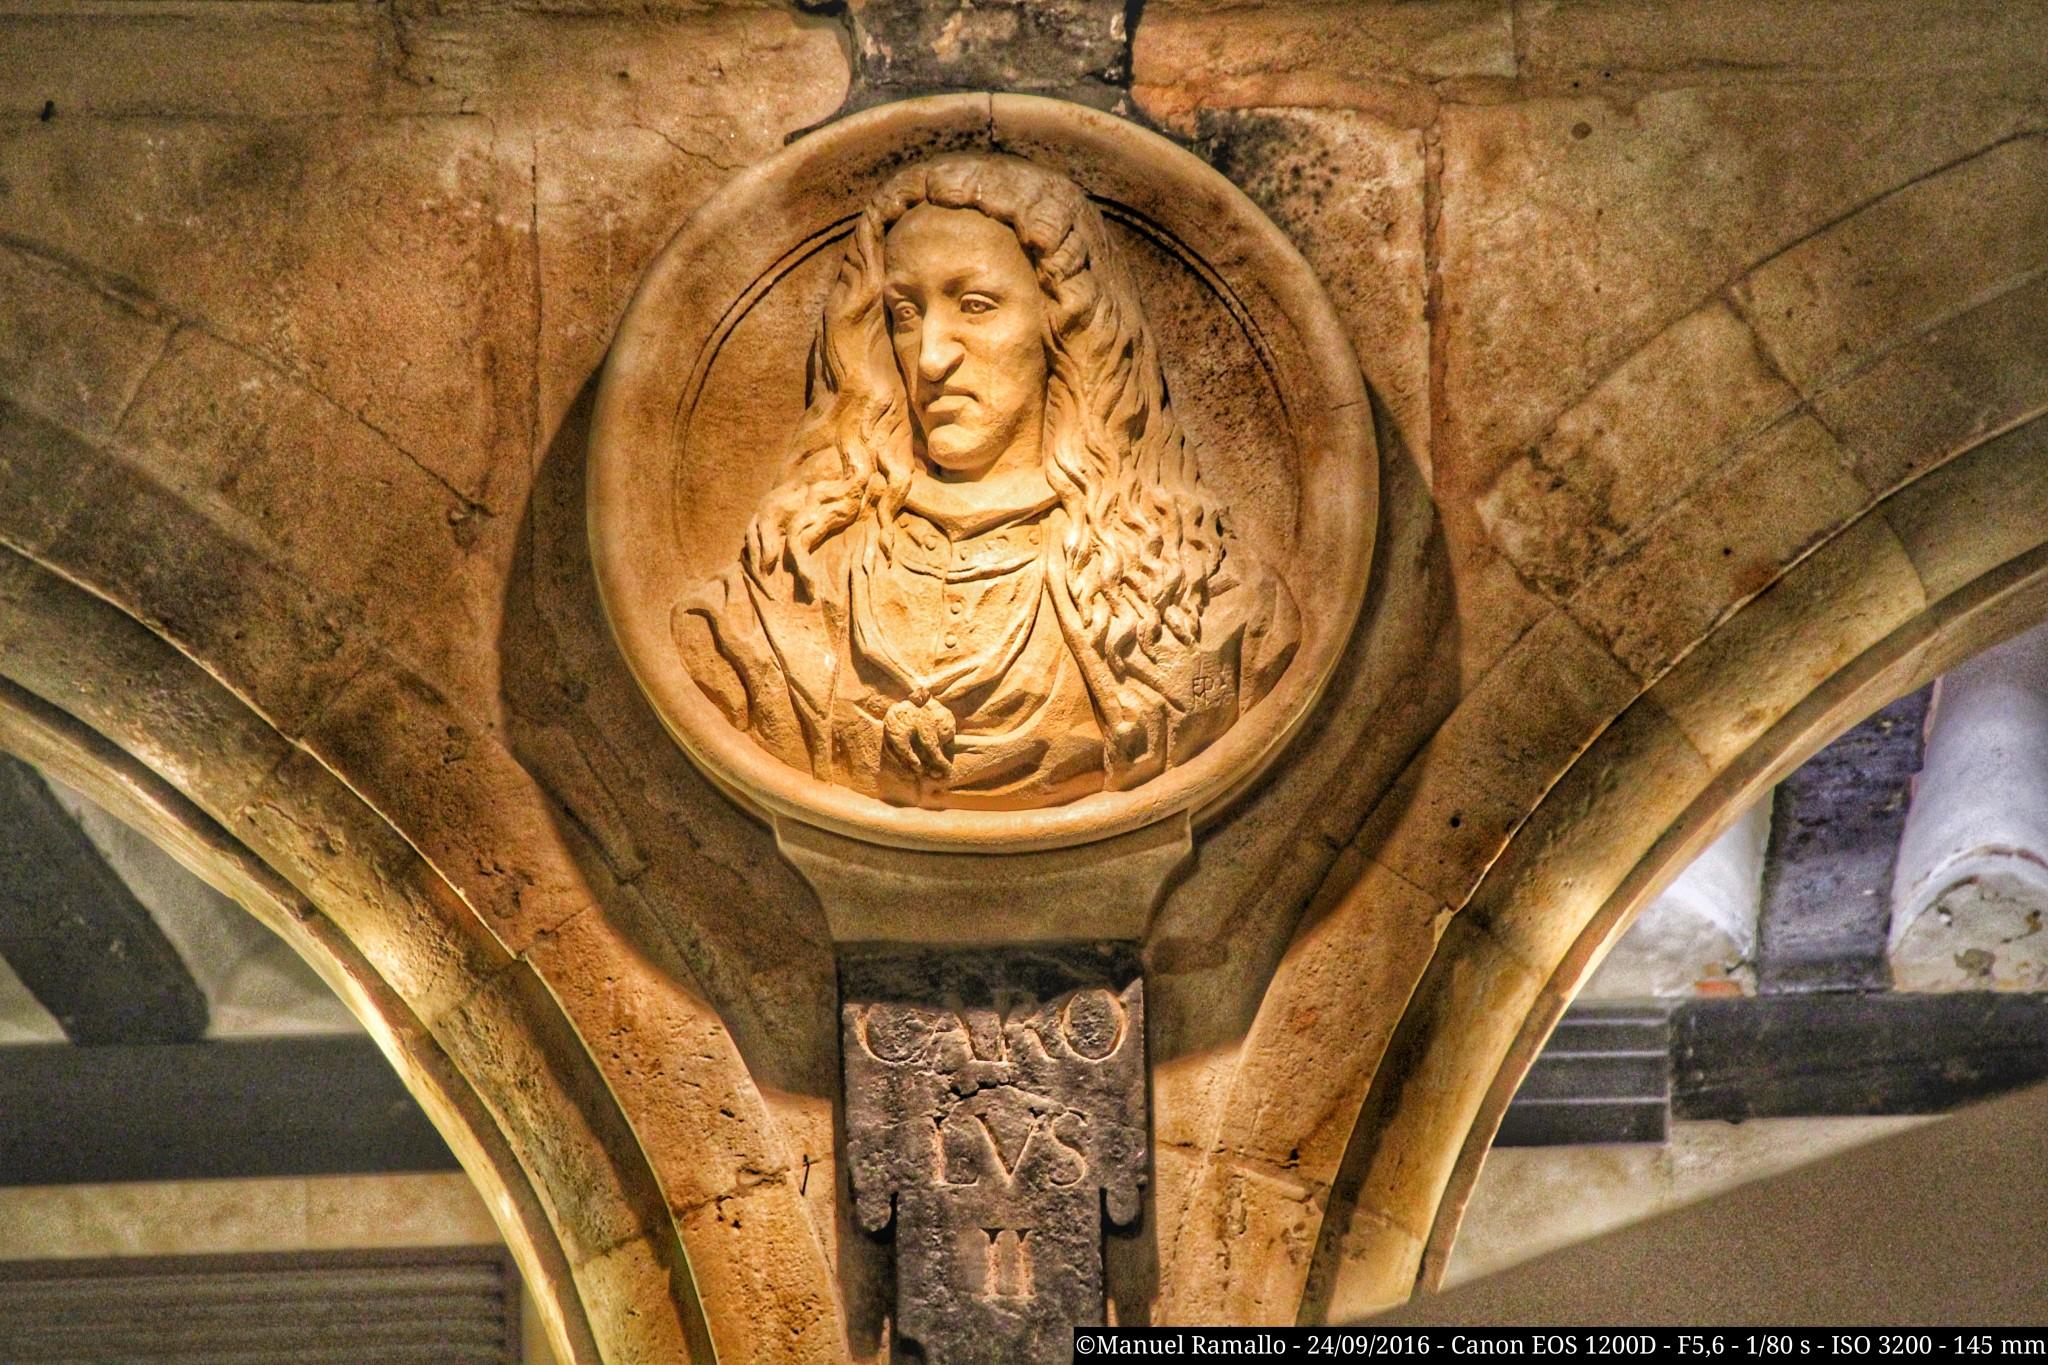 medallon-carolus-ii-carlos-ii-plaza-mayor-salamanca